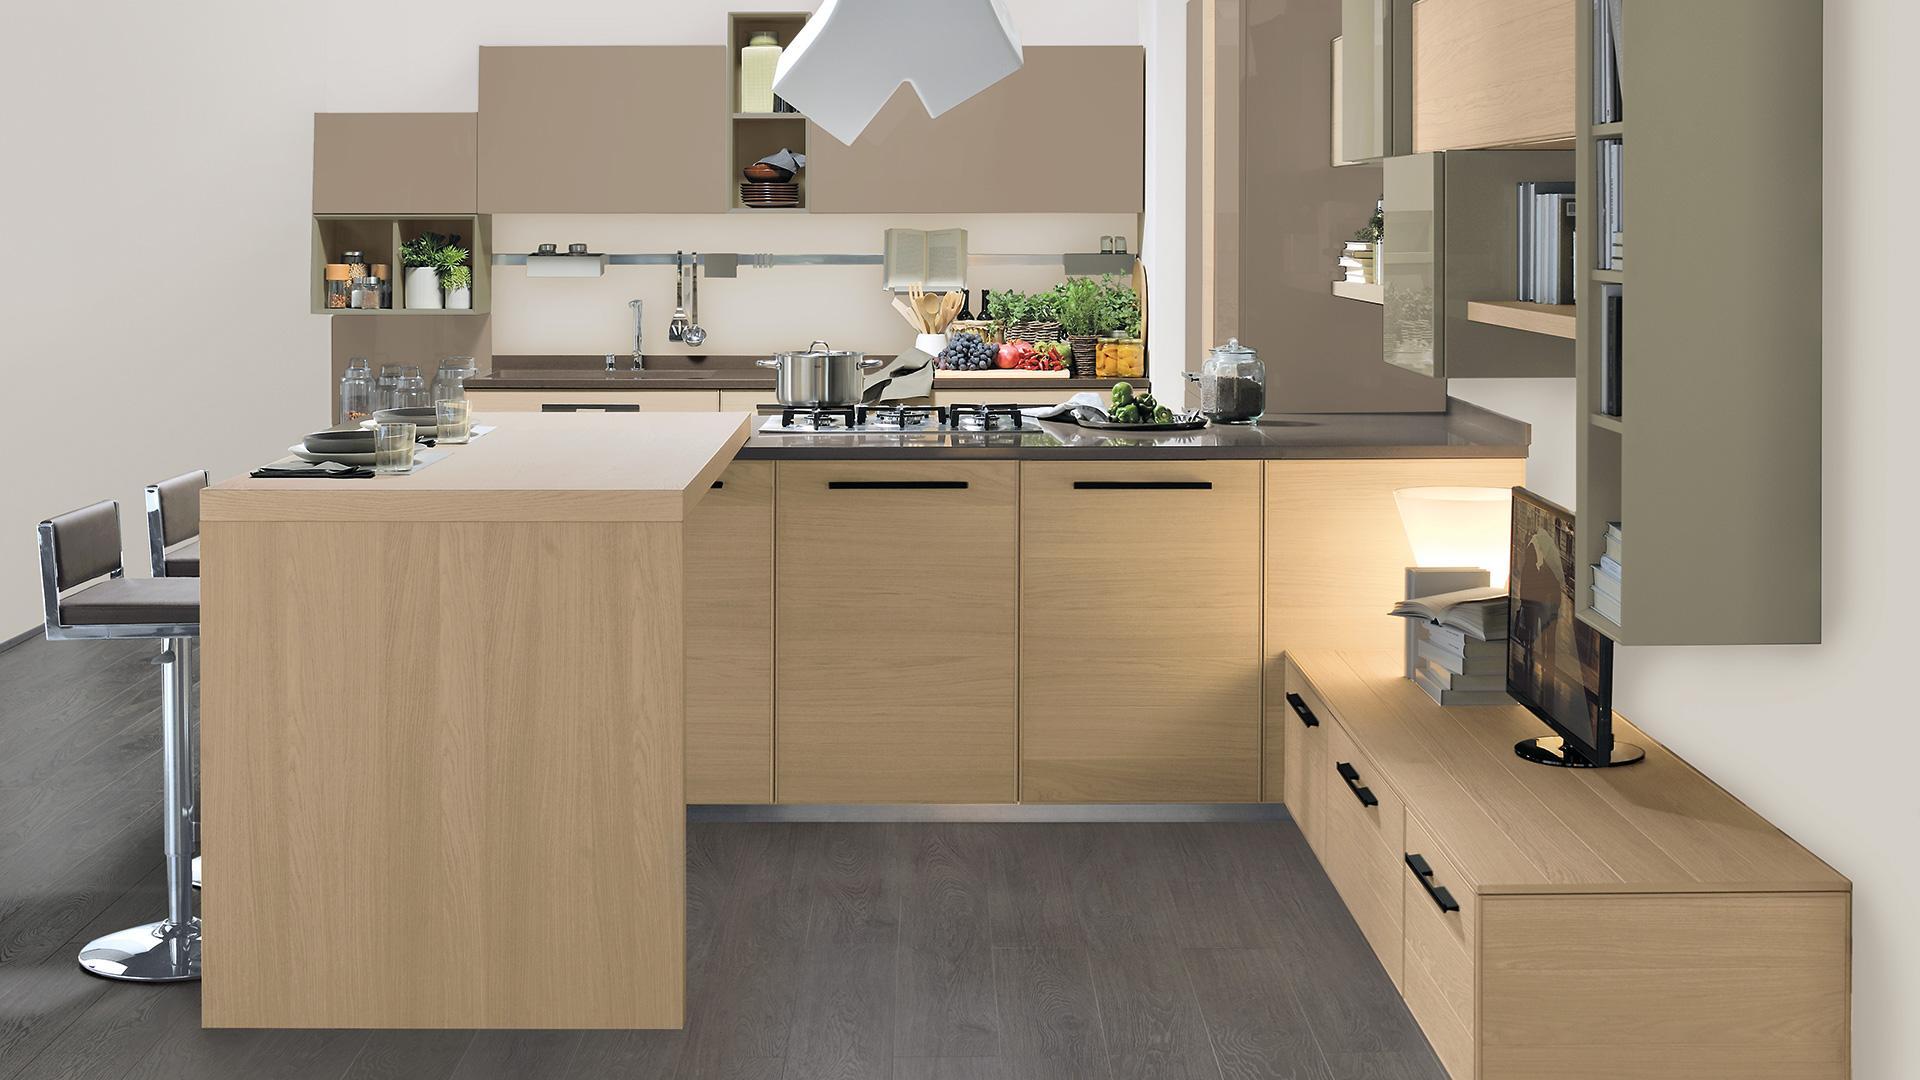 Cucina Adele Project Moderna - Lube e Creo Store Lecco